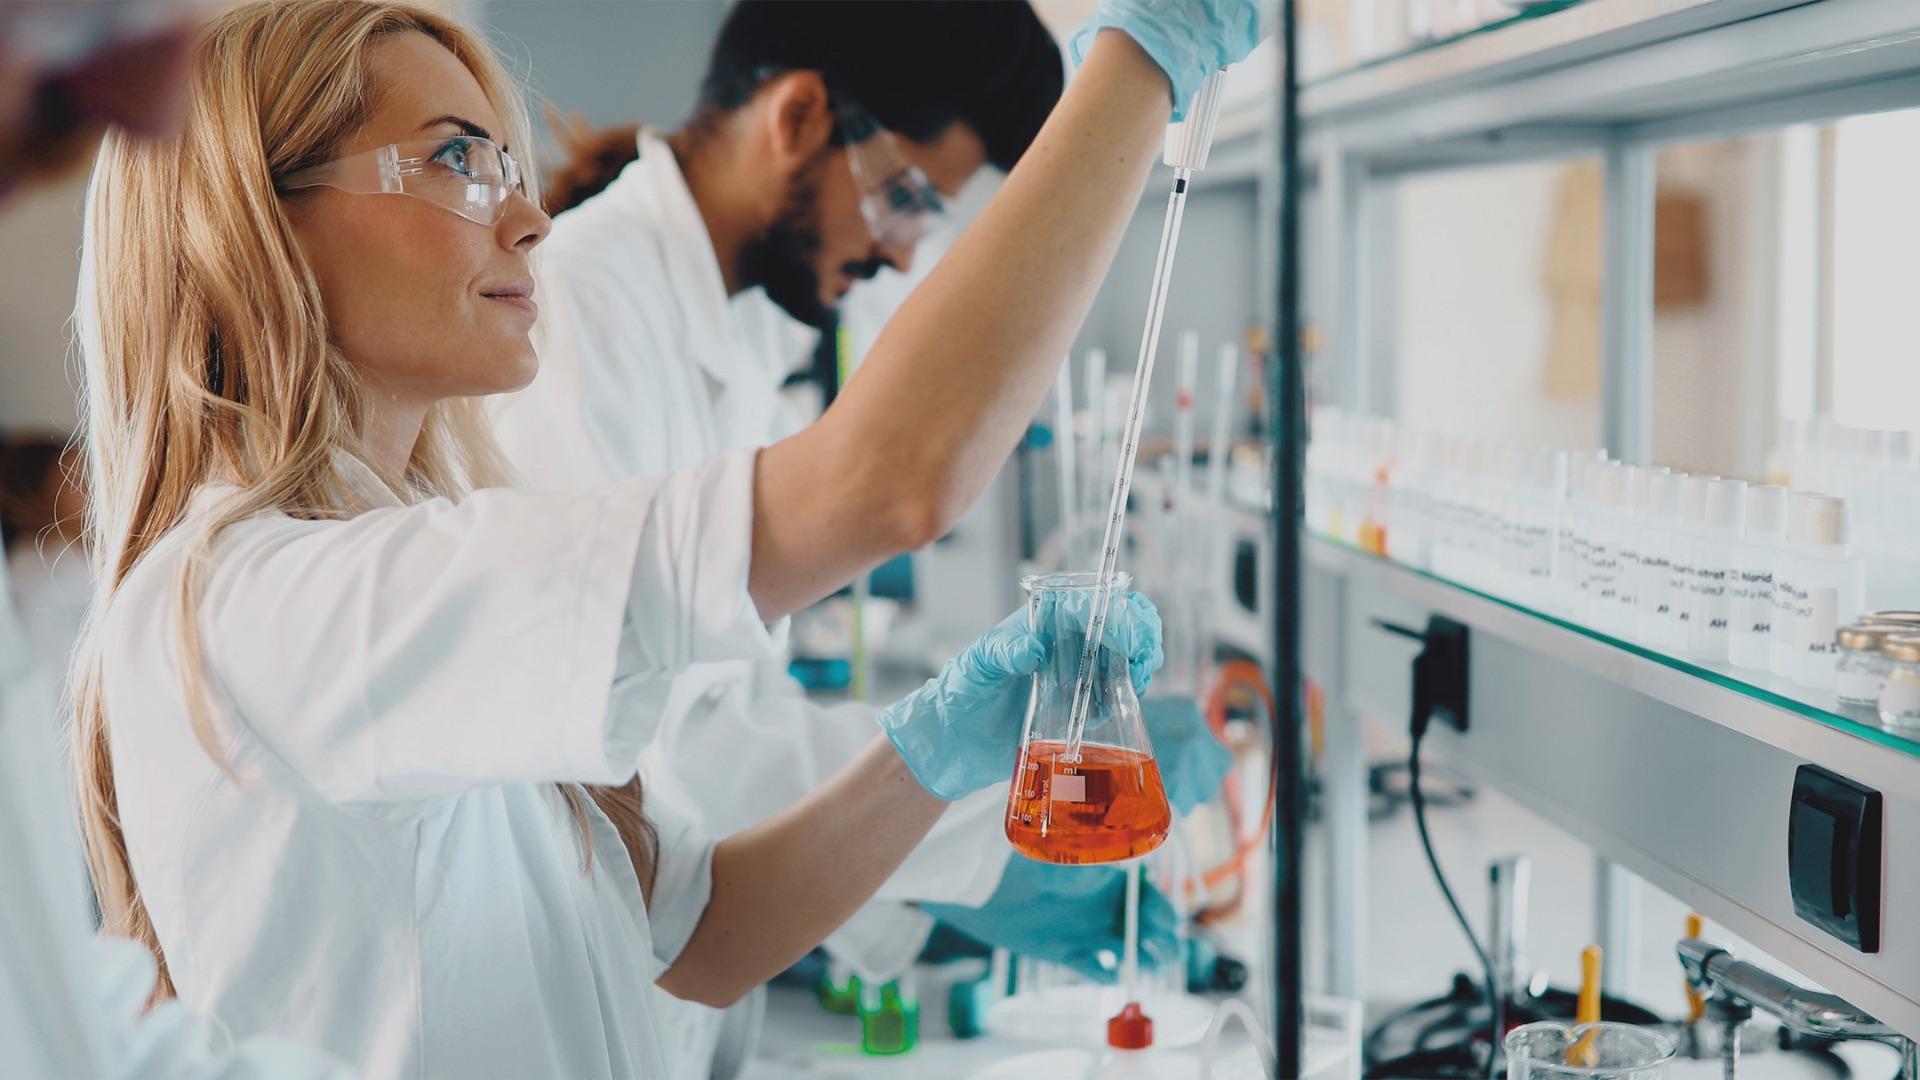 Labordigitalisierung